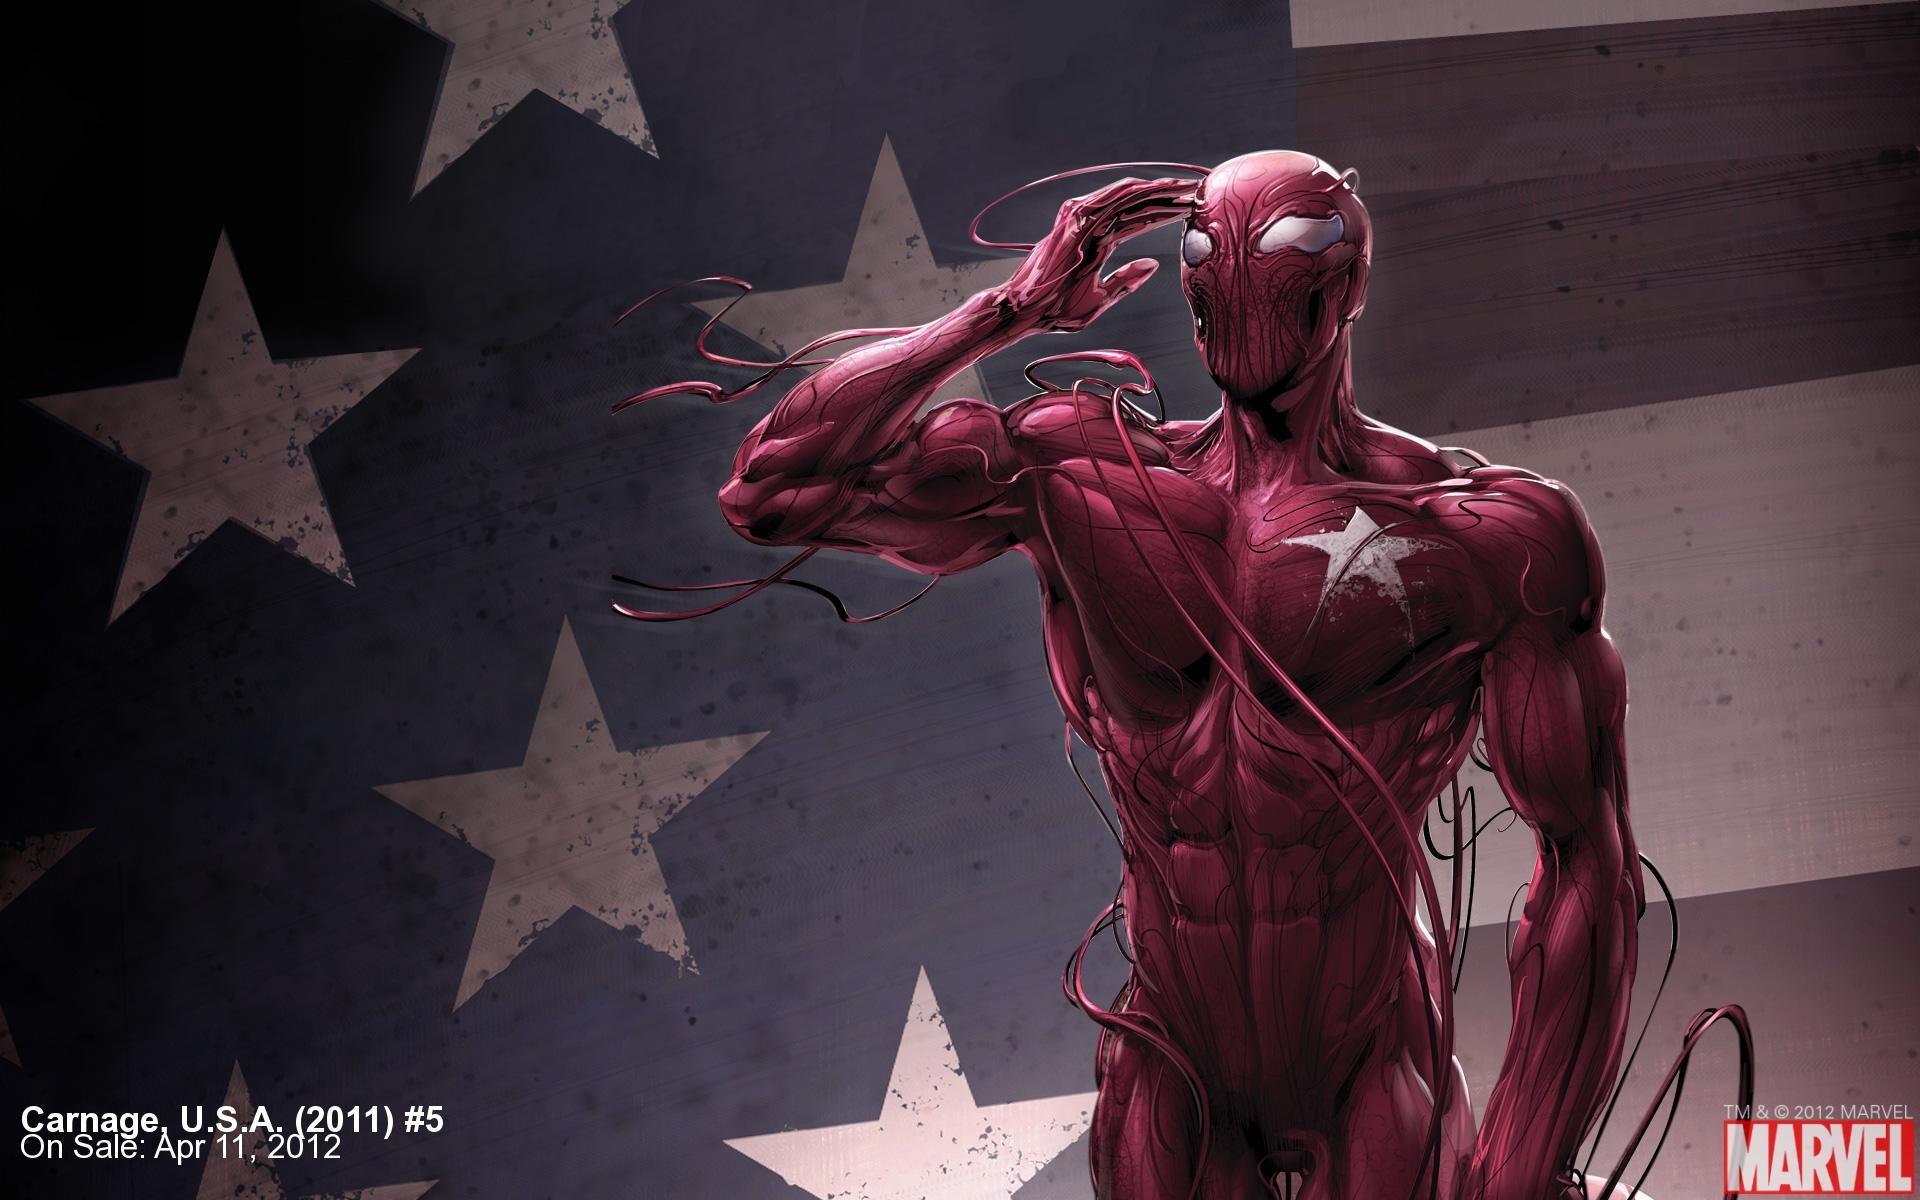 Carnage, U.S.A. (2011) #5 | Marvel.com